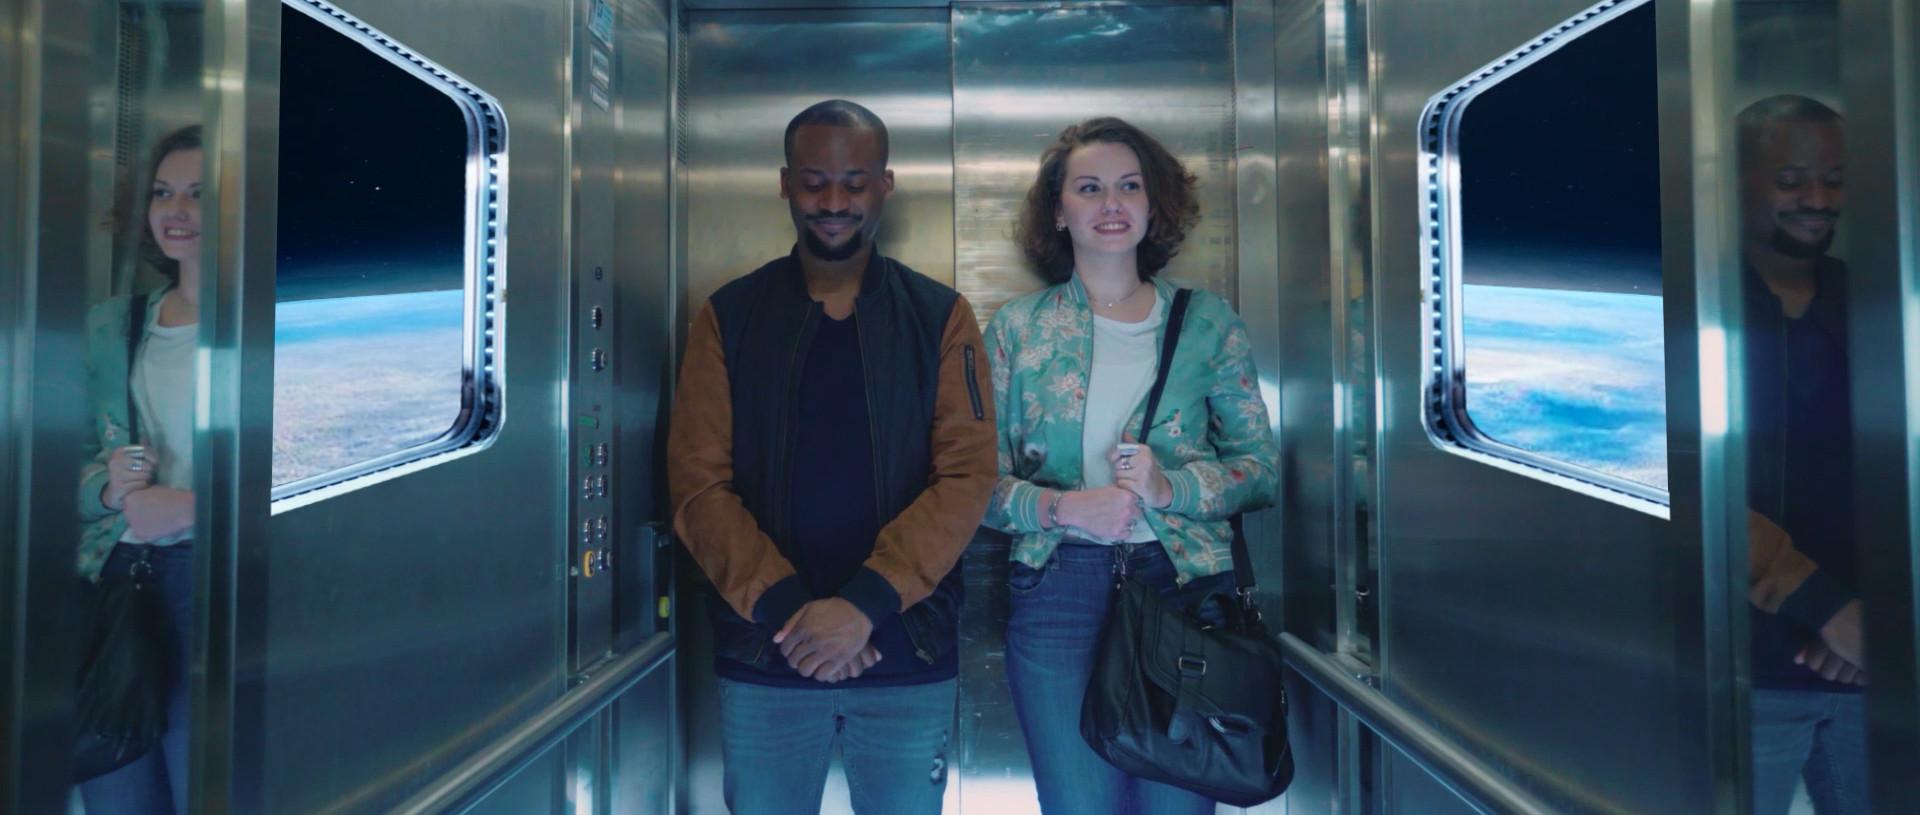 L'ascenseur_dans_l'espace_Pot_ou_pipot_J